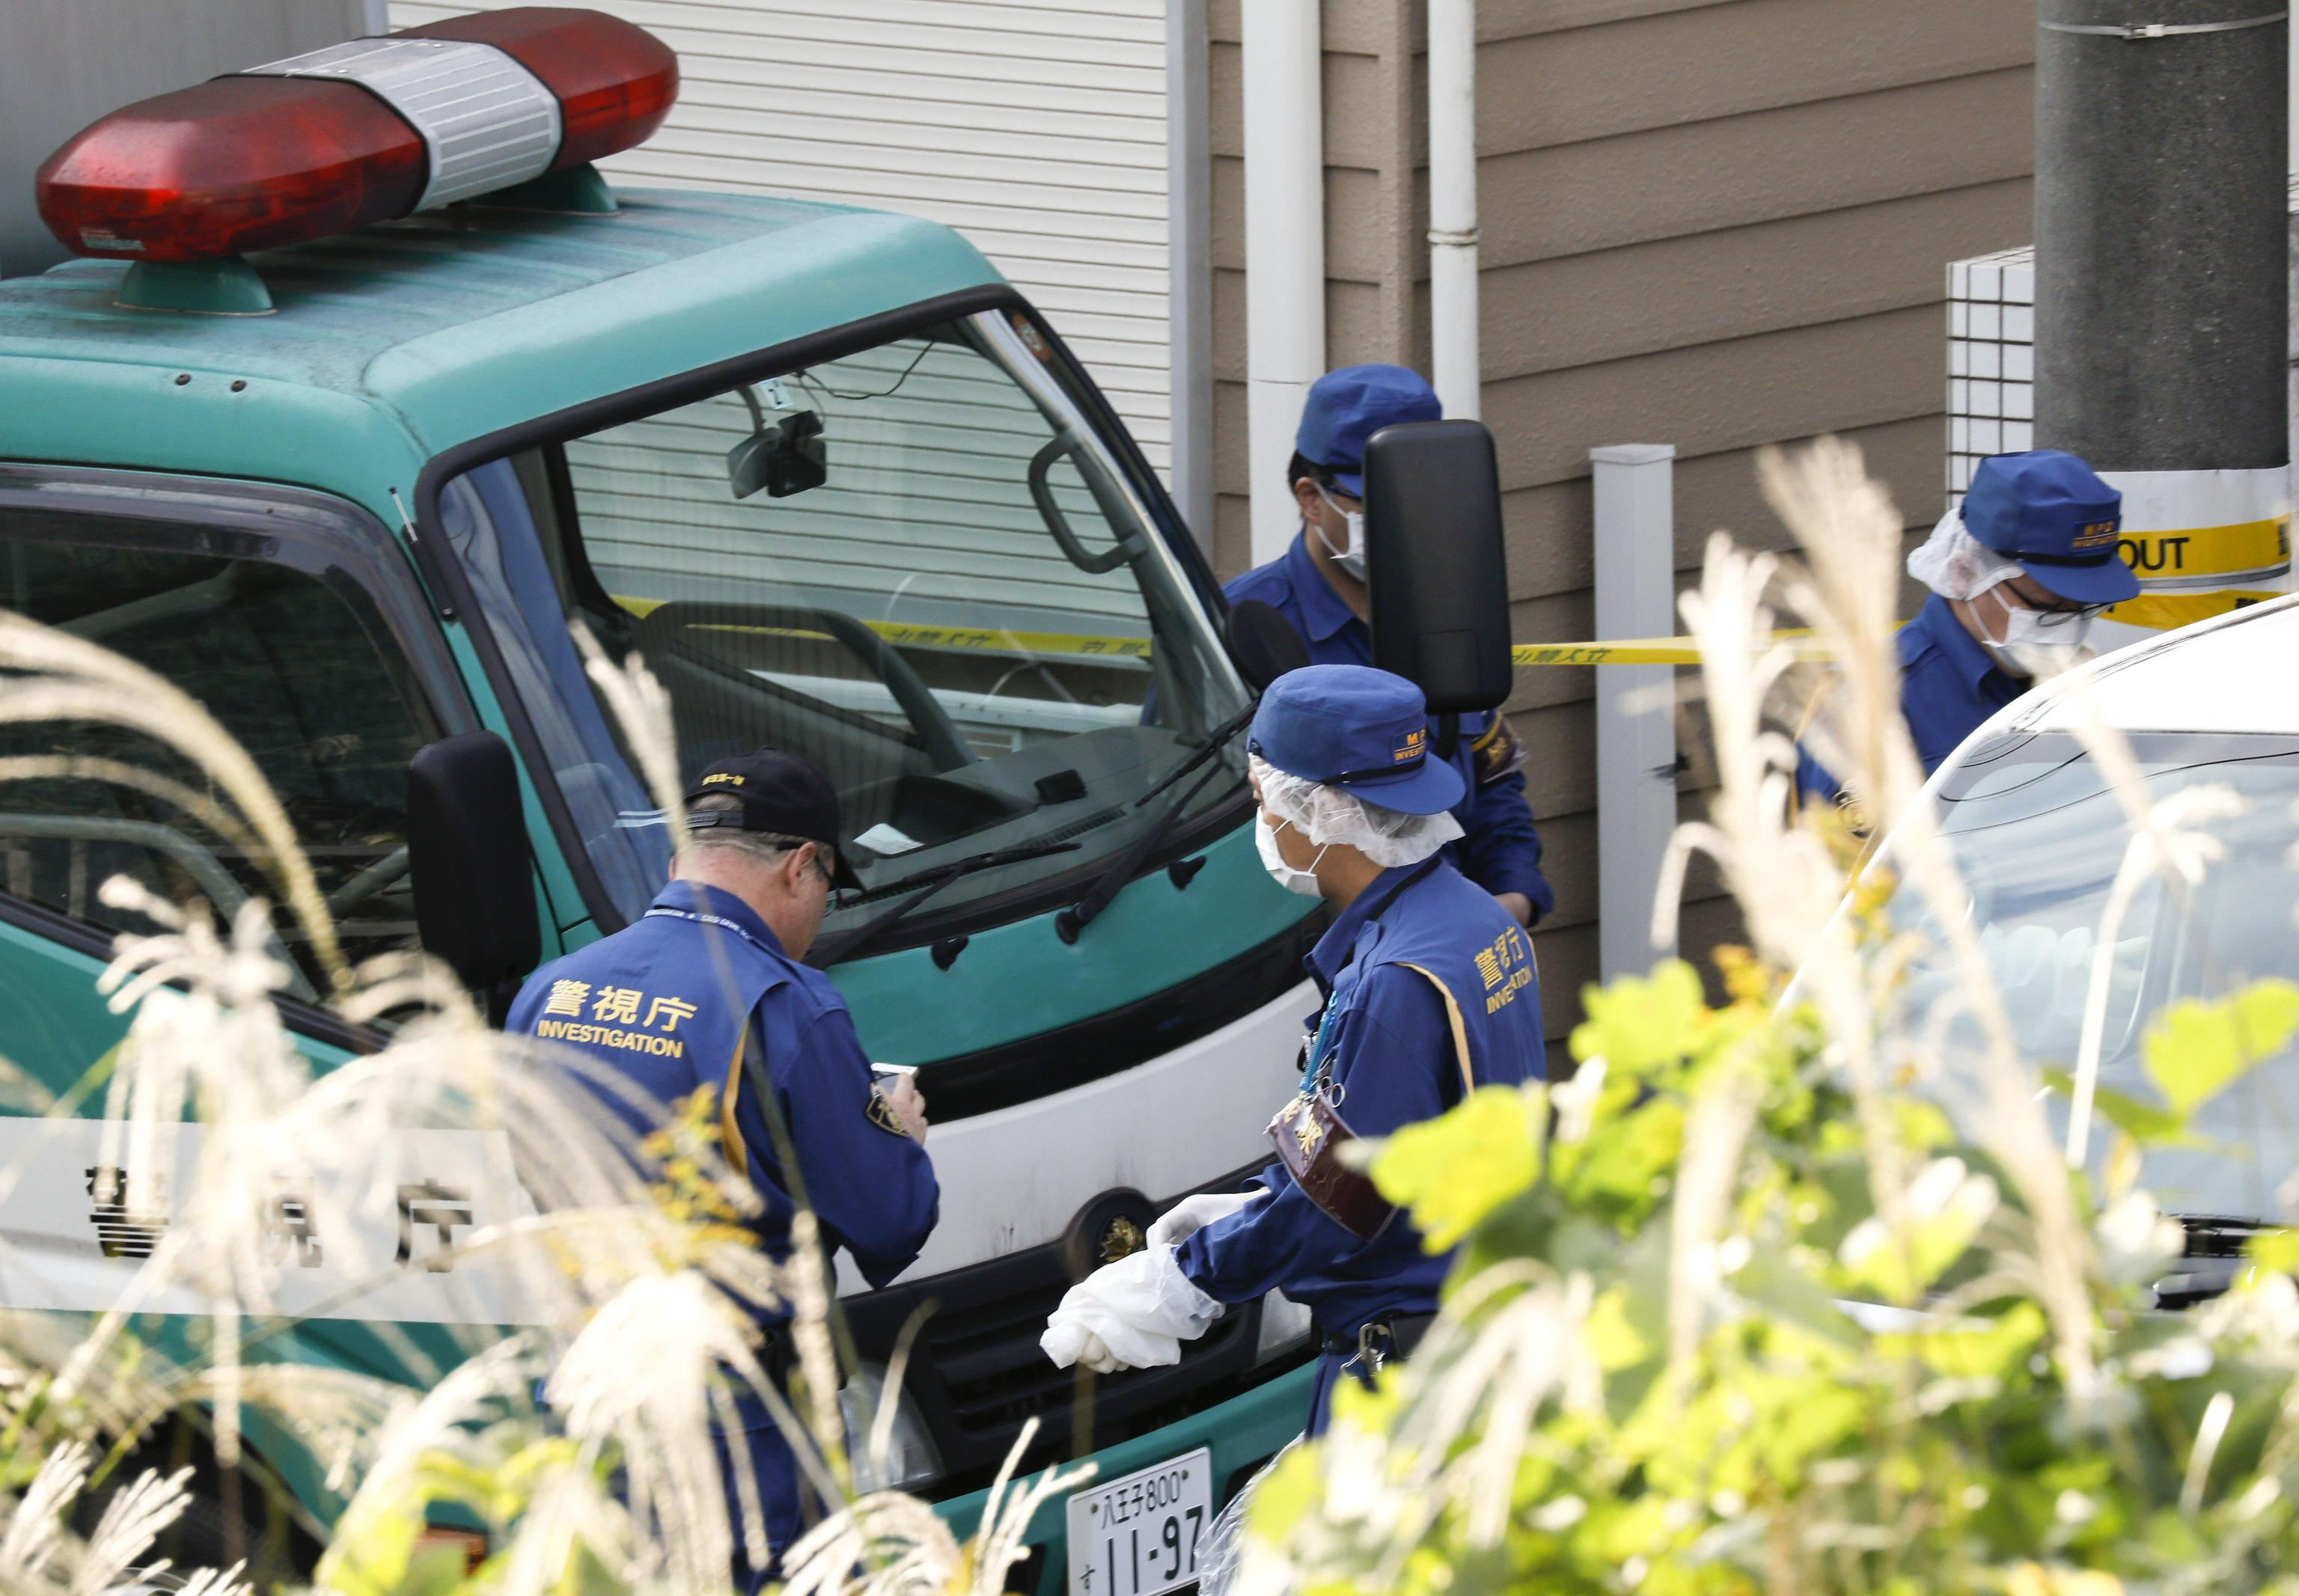 Giappone: 3 morti con spada samurai